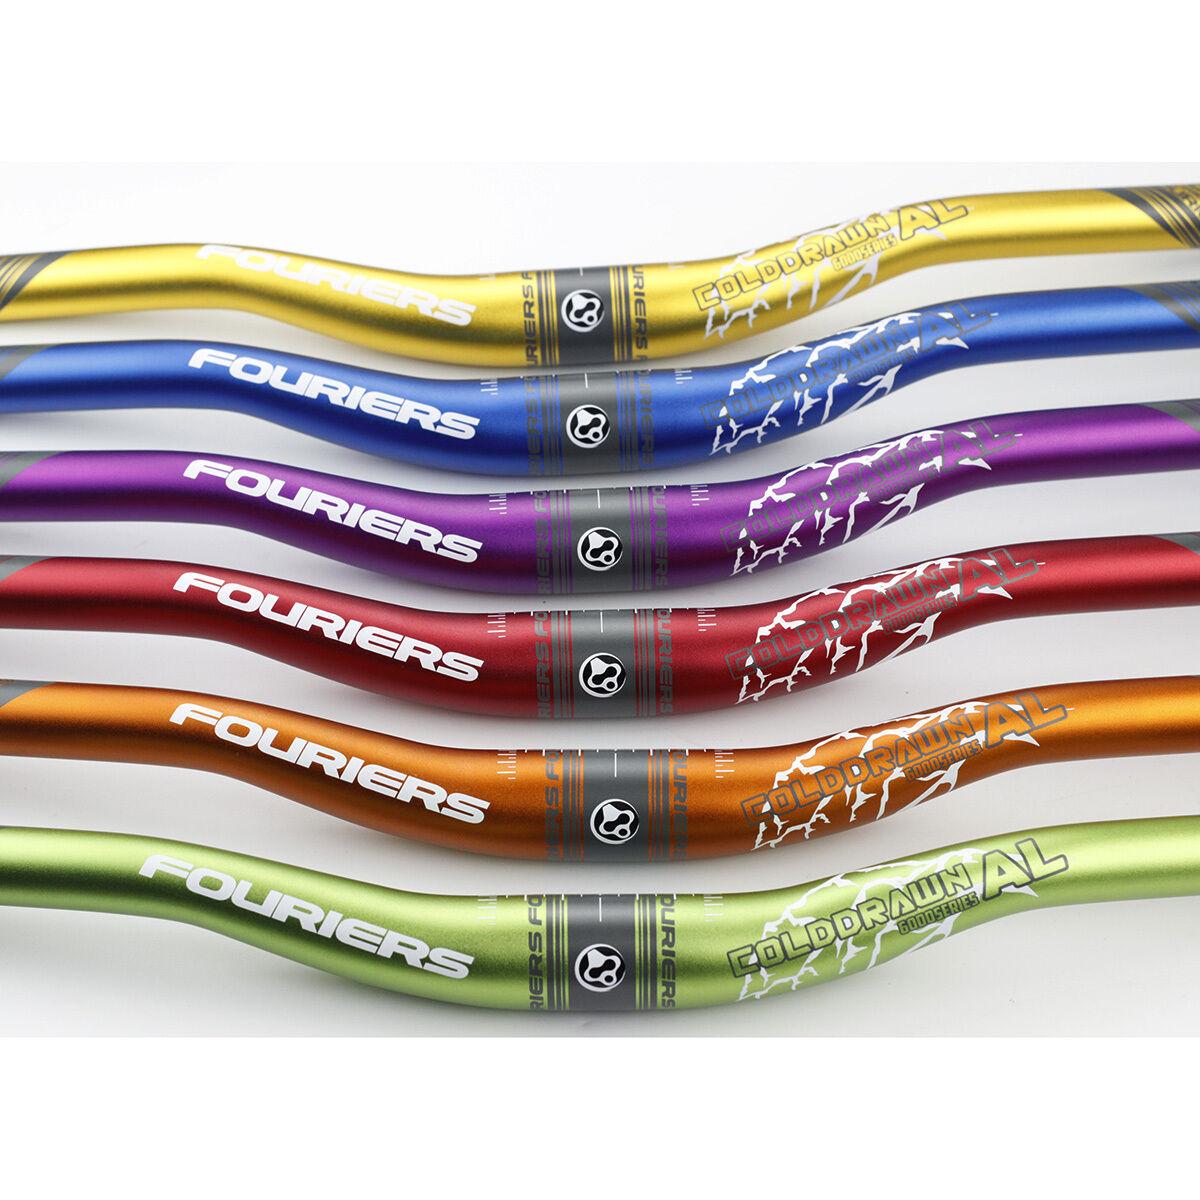 AM FR XC DH Enduro Riser Handlebar 31.8mm x 720mm 20mm Rise Bar Alloy Fouriers